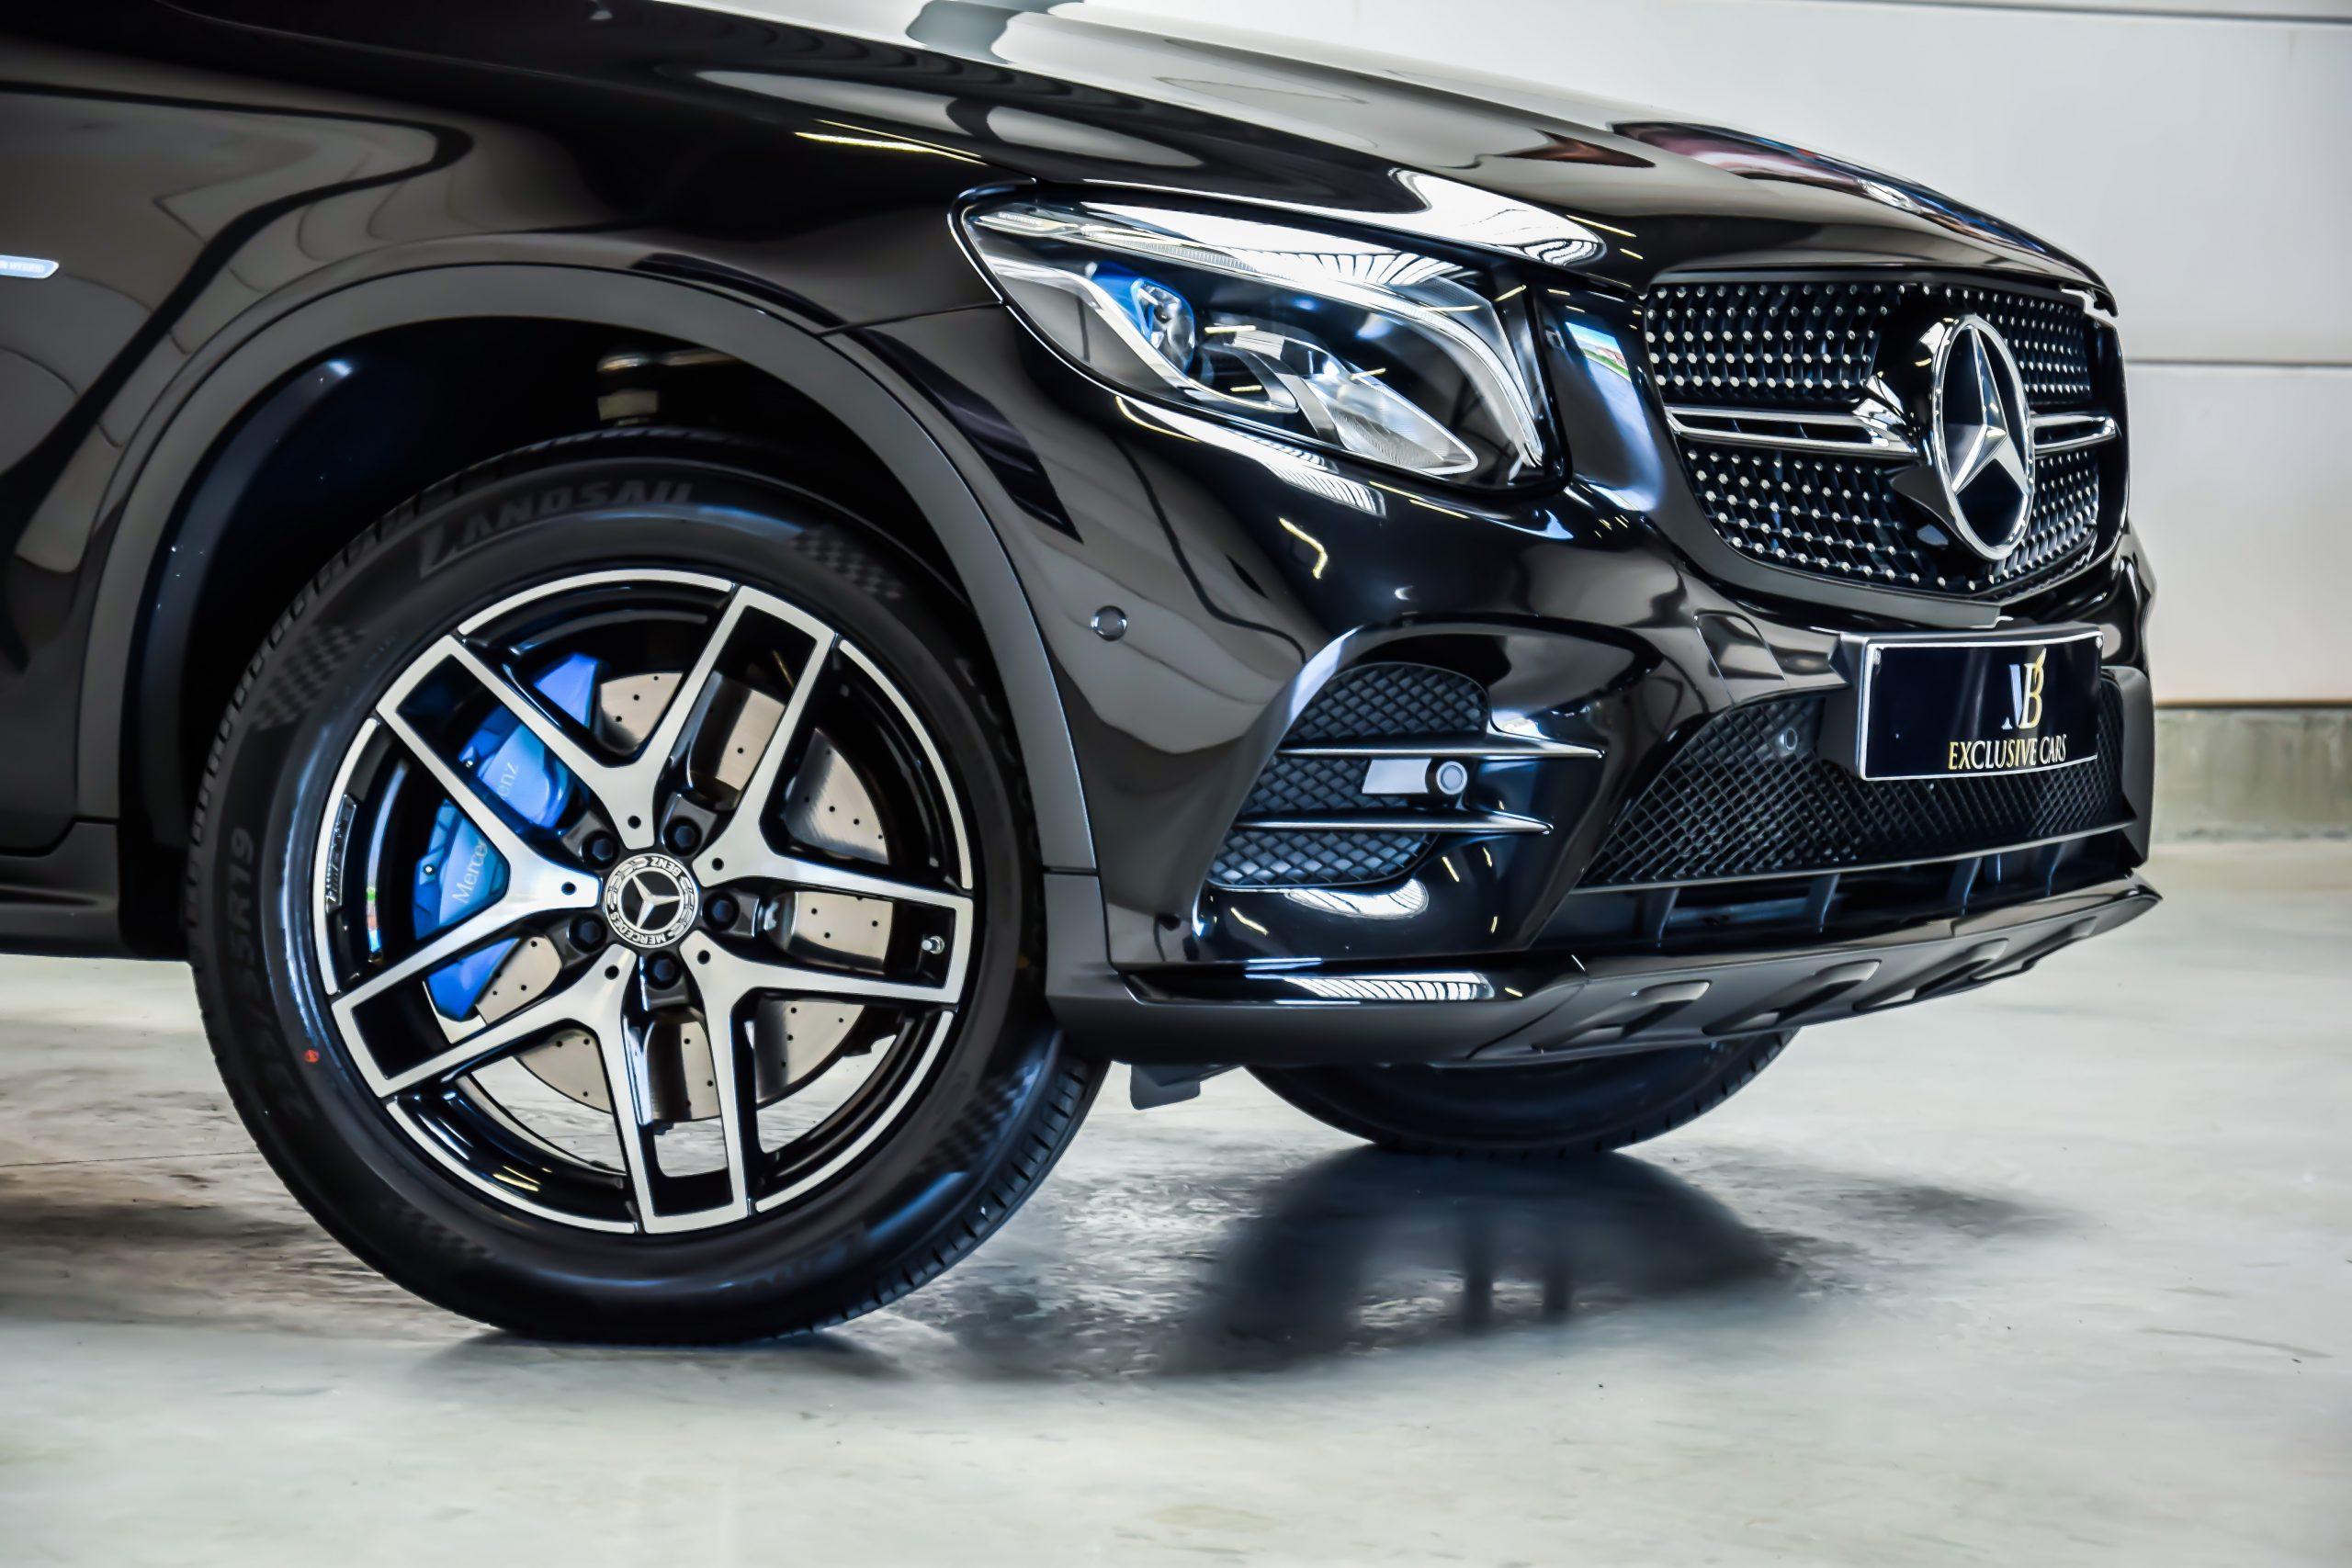 Mercedes-Benz GLC350e 4-Matic Plug-In Hybrid AMG-Sportpakket 07/2017 – Night Edition!!